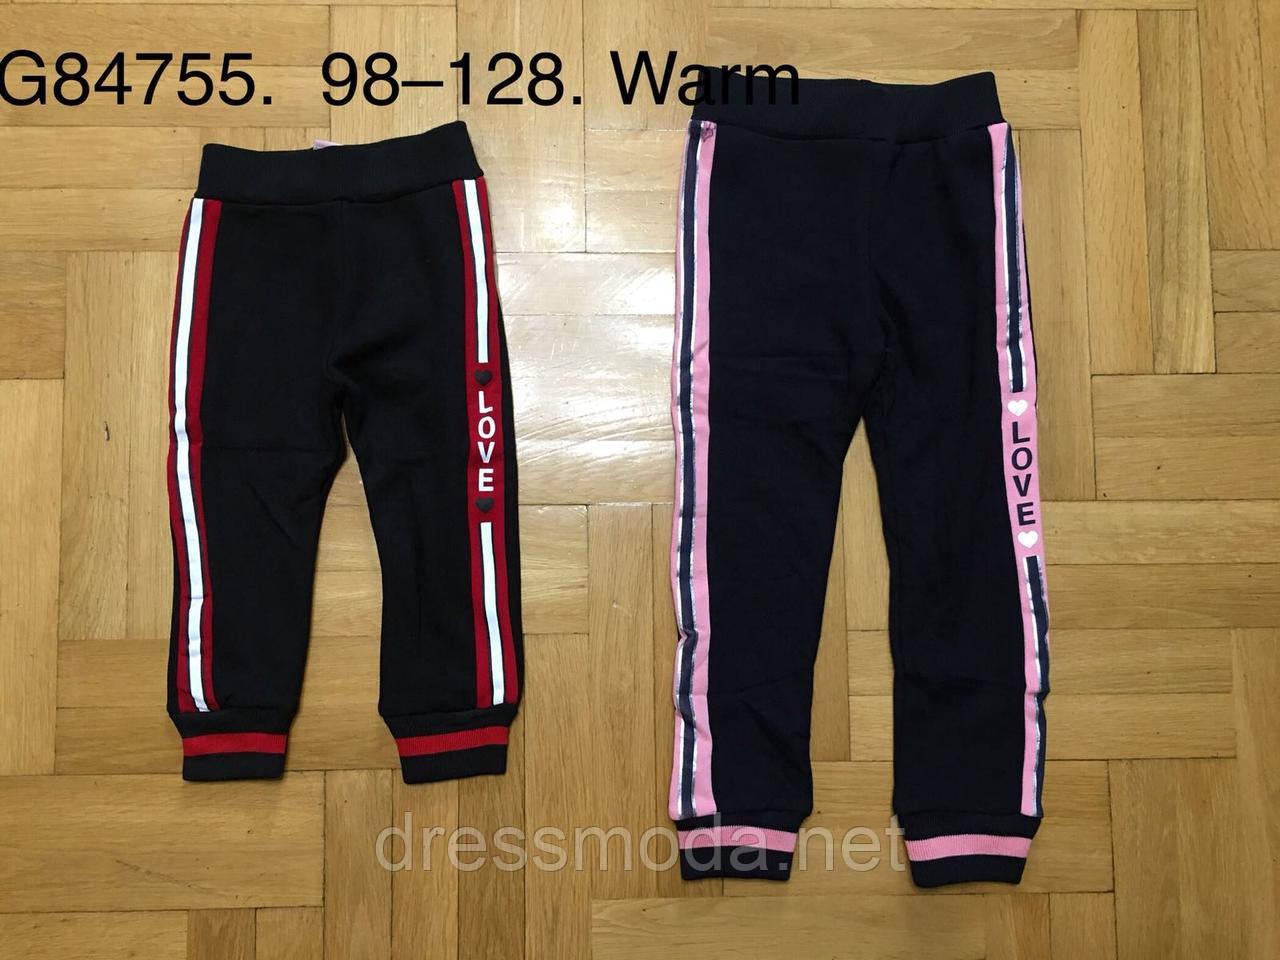 Спортивные брюки с начесом для девочек Grace 98-128 р. р.